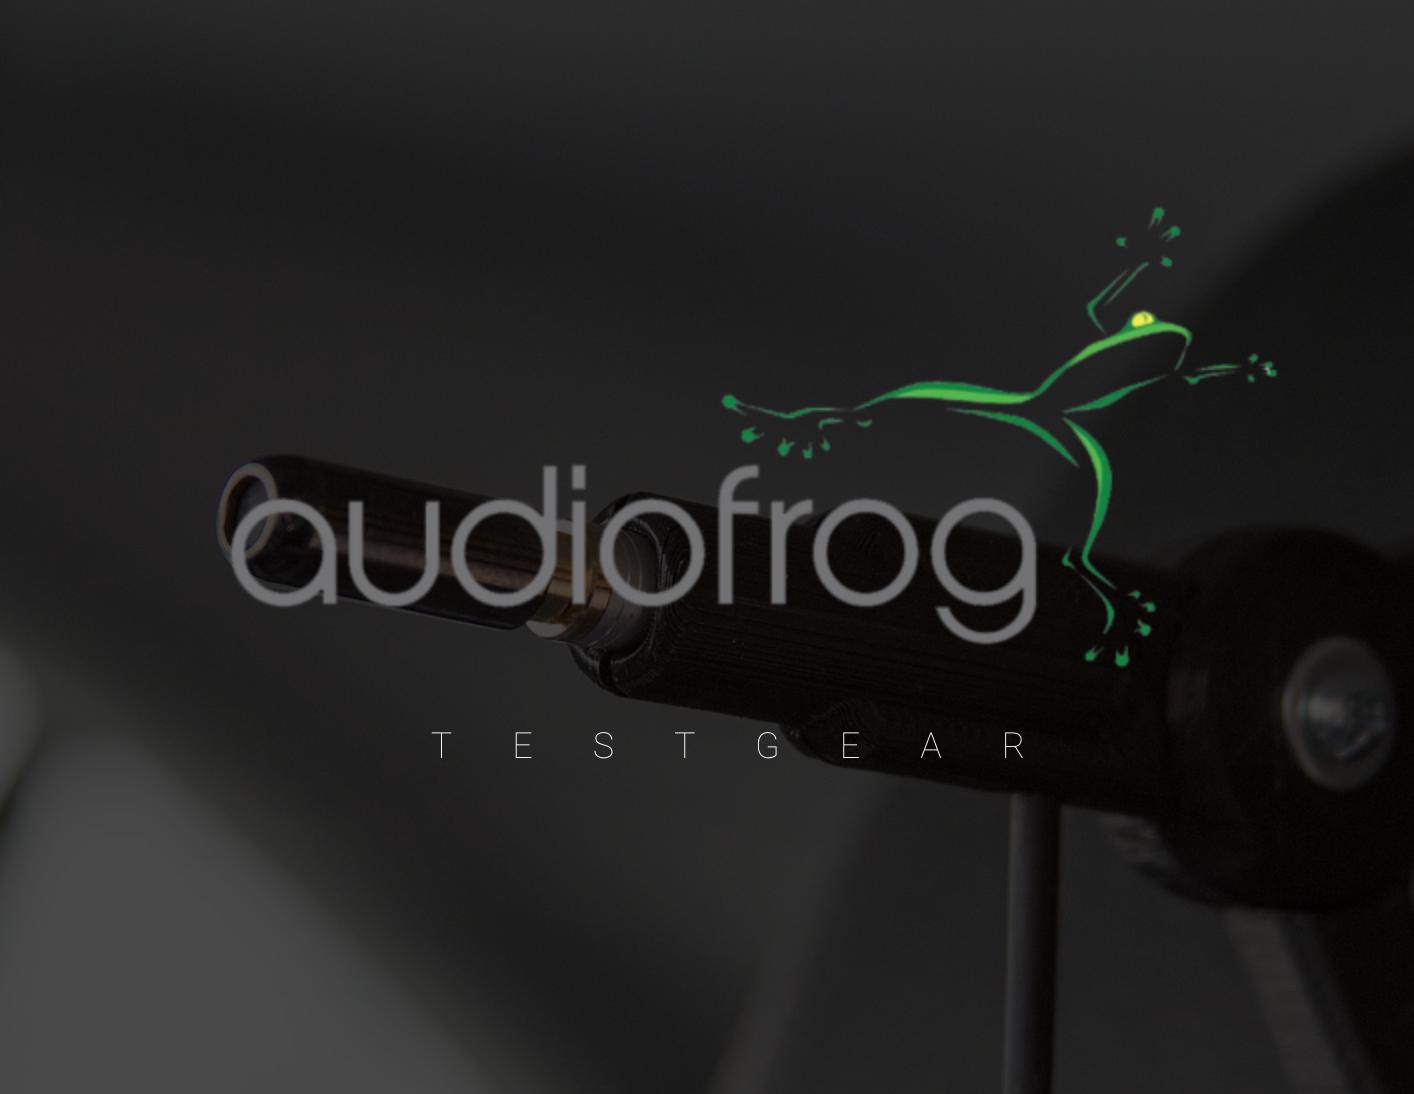 testgear.audiofrog.com